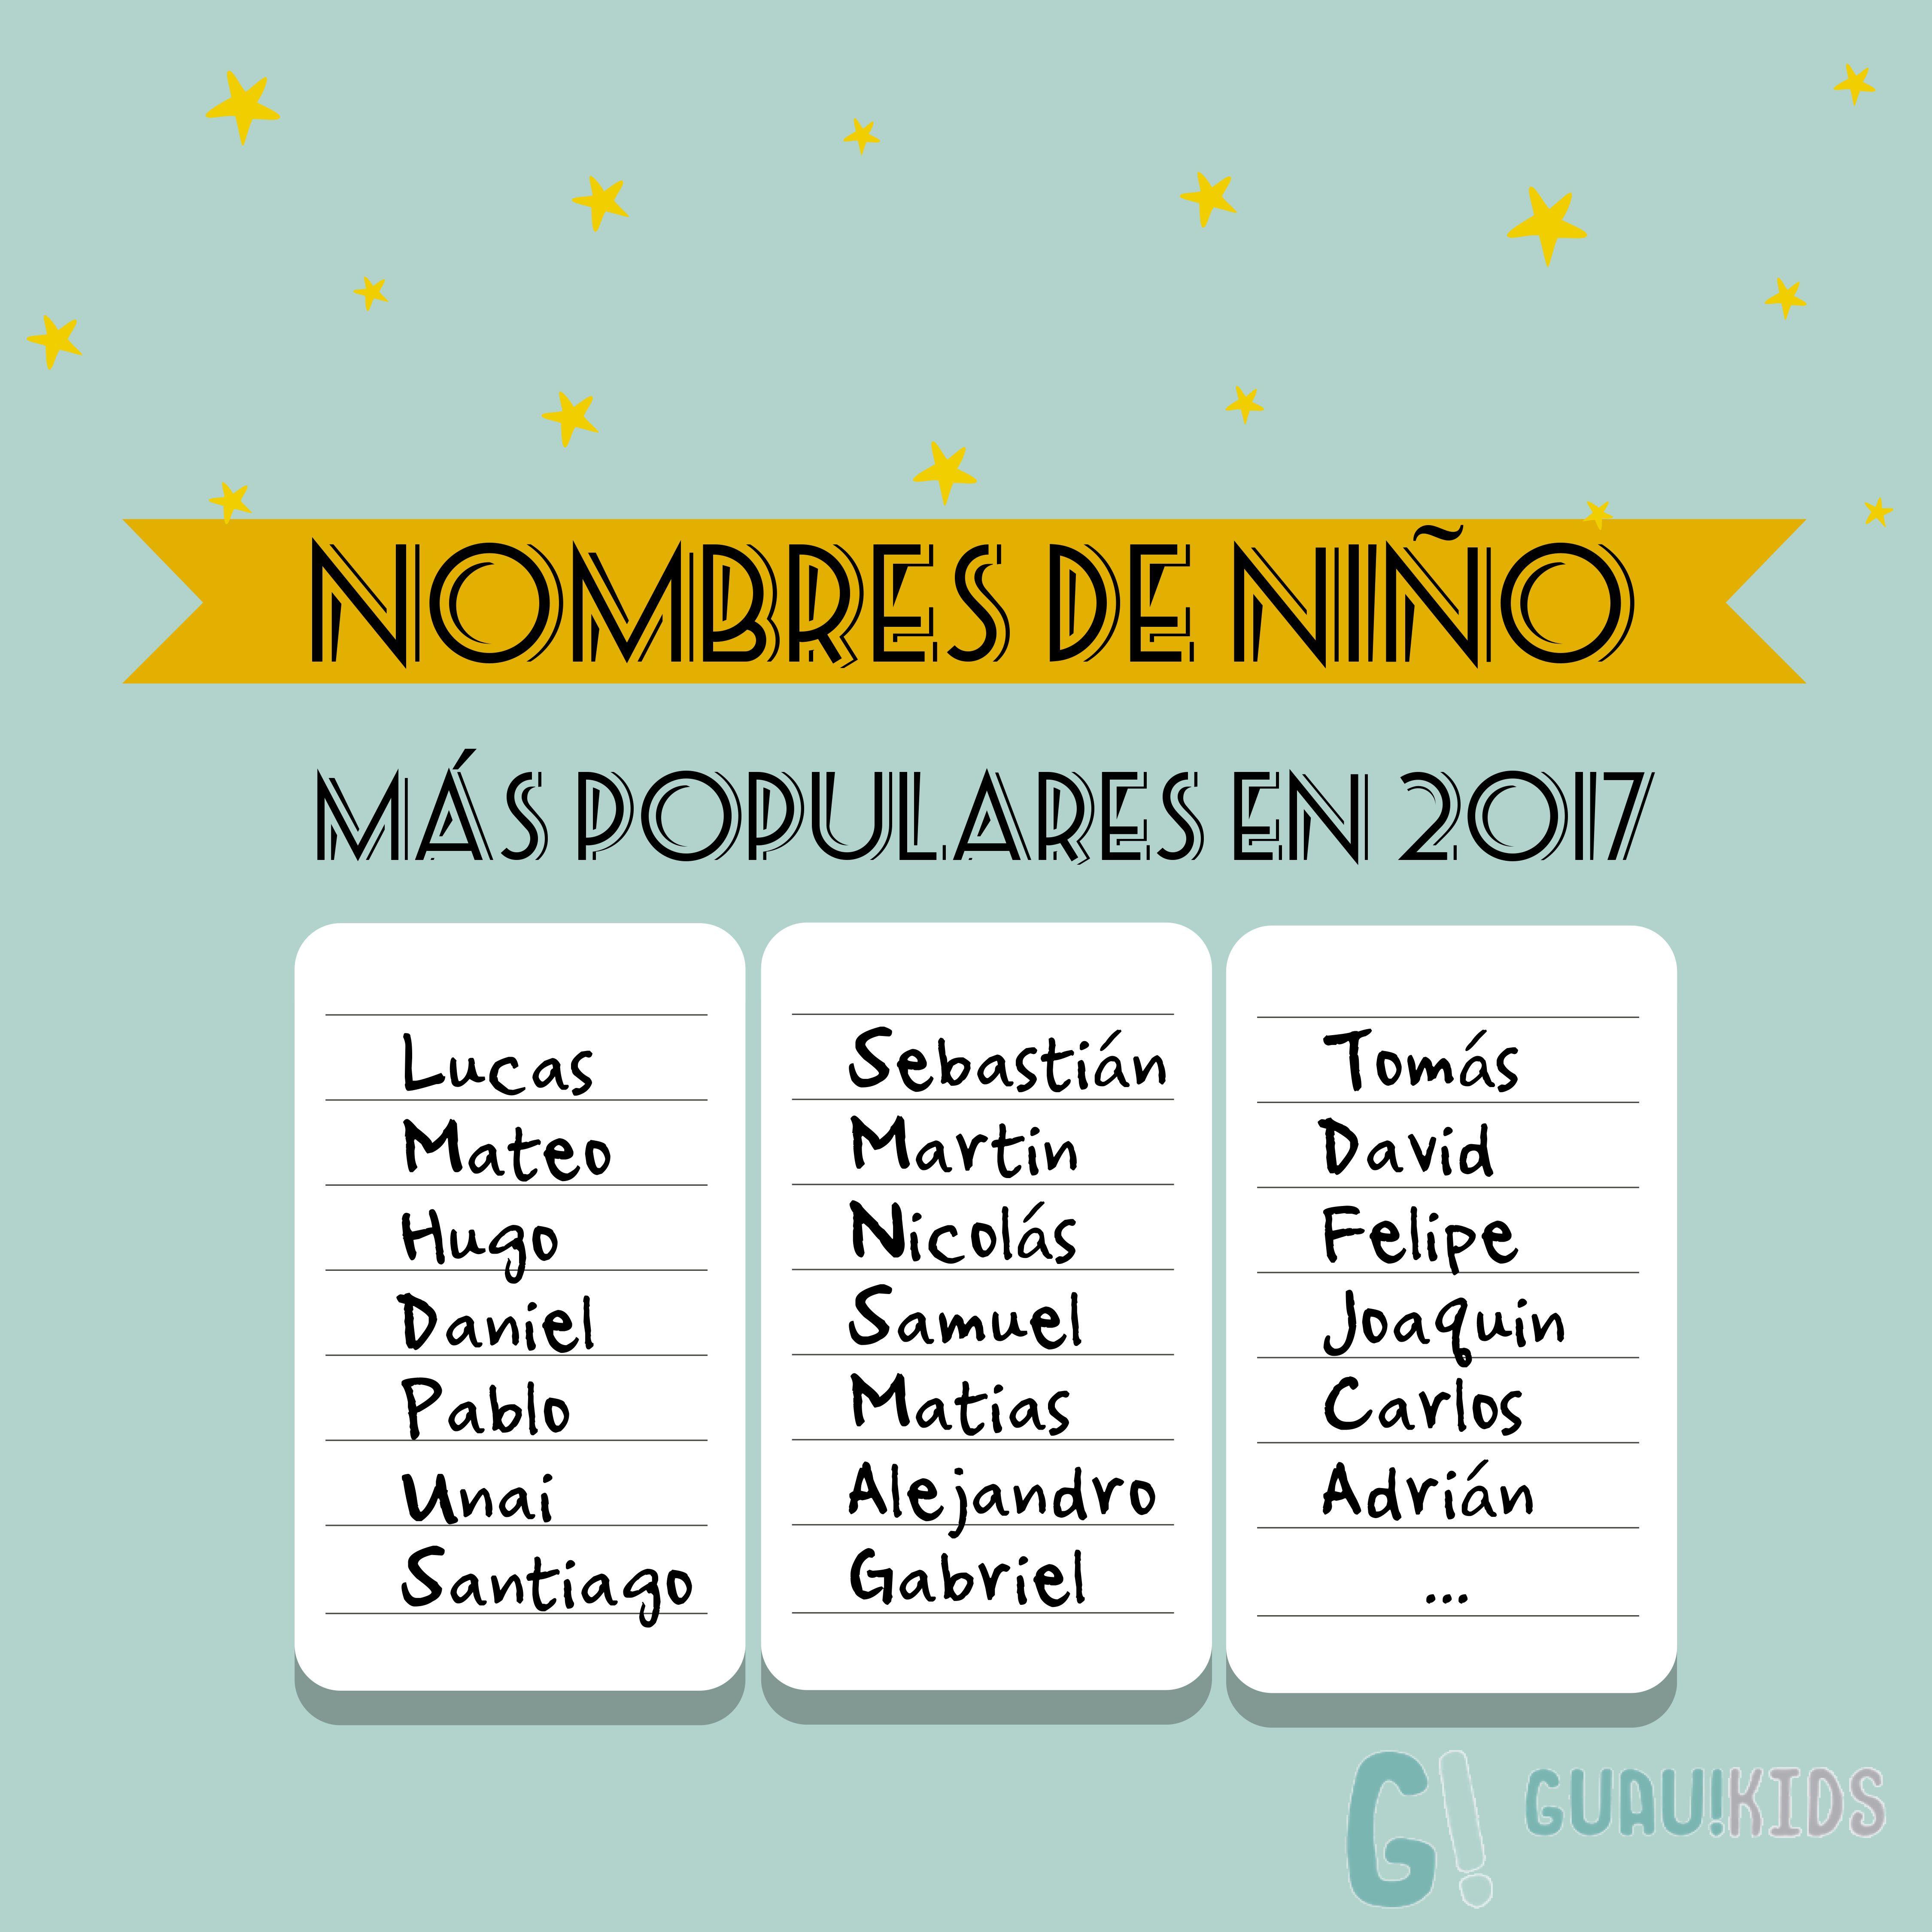 Quieres Conocer Los Nombre De Nino Mas Populares En 2017 Do You Want Names For BoysBoy NamesSpanish